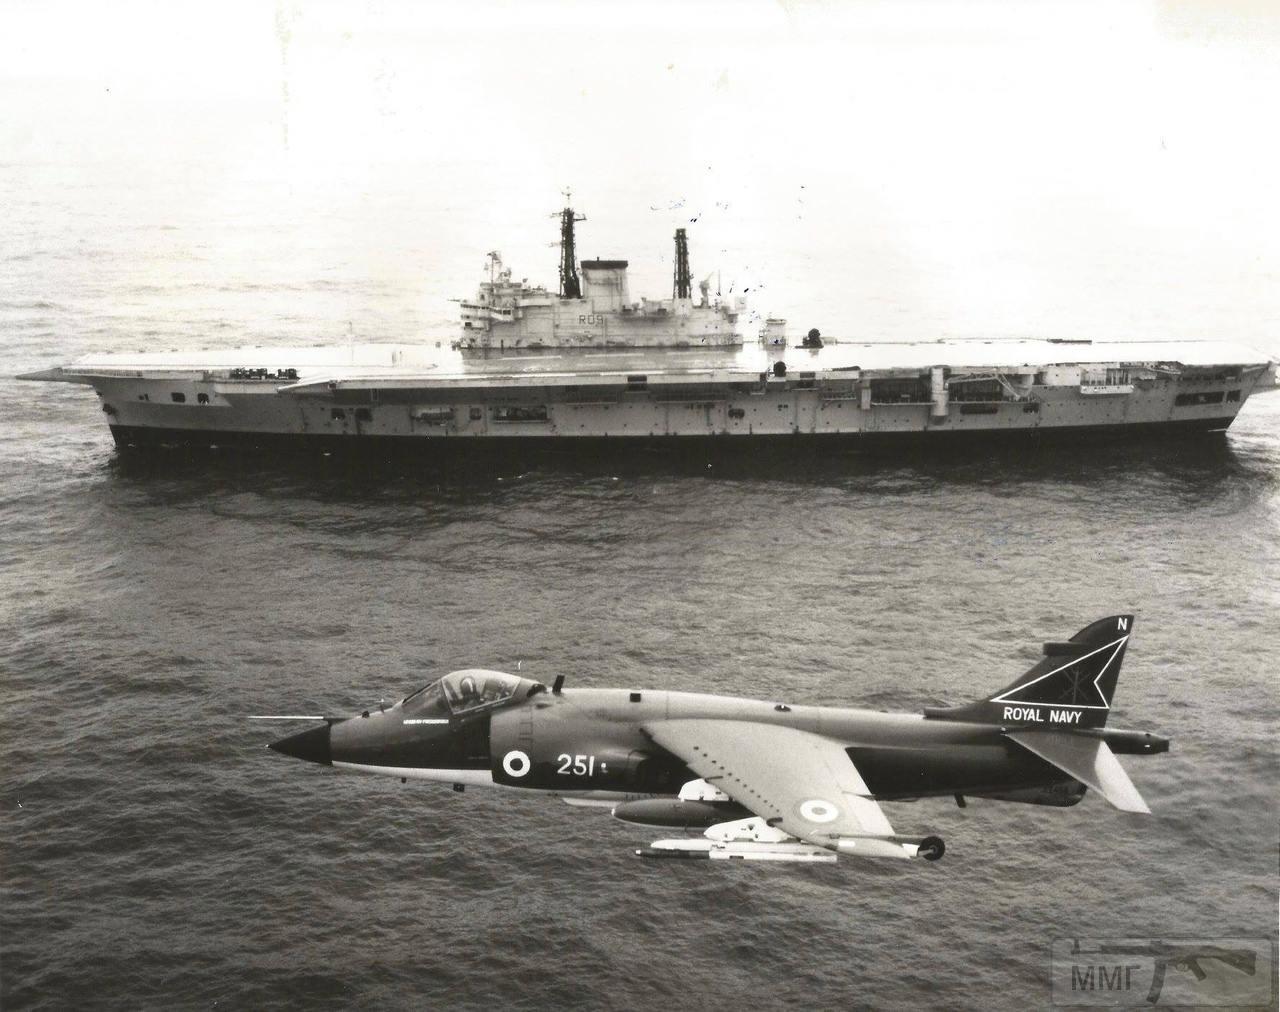 39756 - HMS Ark Royal (R09) идет в Cairnryan (Шотландия) на слом, сентябрь 1980 г. В воздухе Sea Harrier с авианосца HMS Invincible (R05)